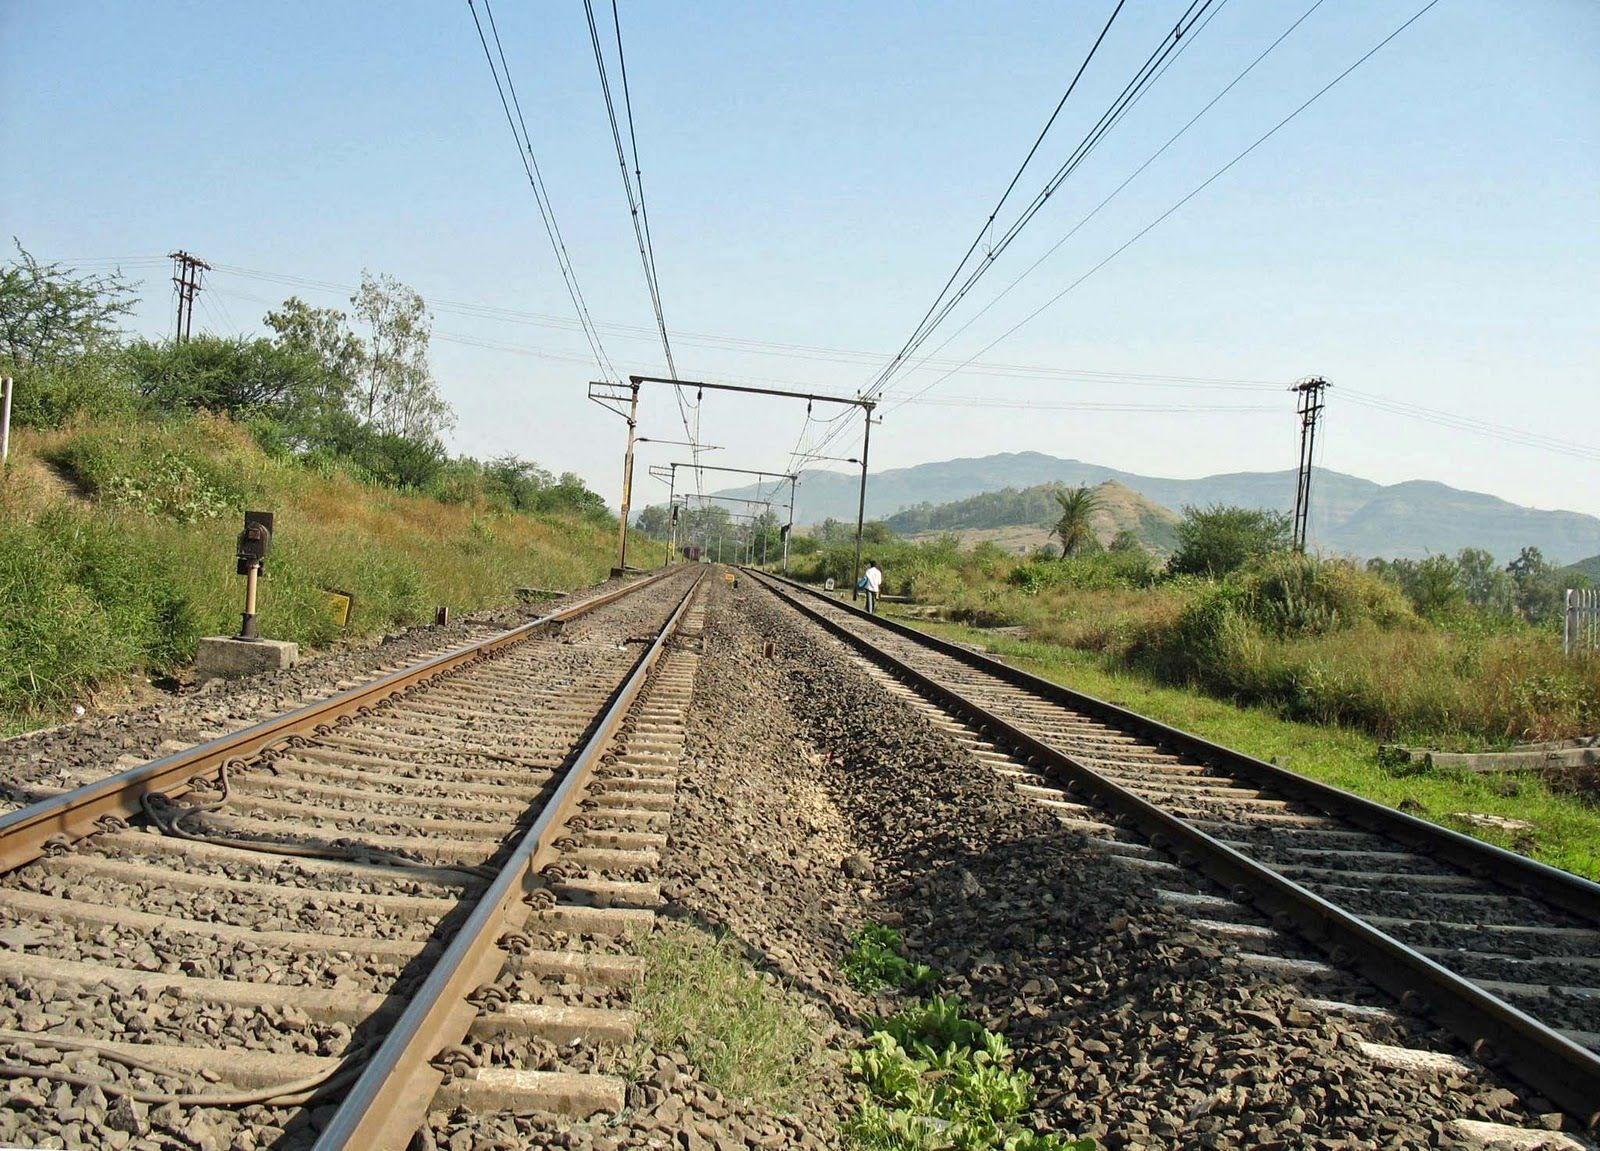 Tracks Indian railways, Railroad tracks, Track